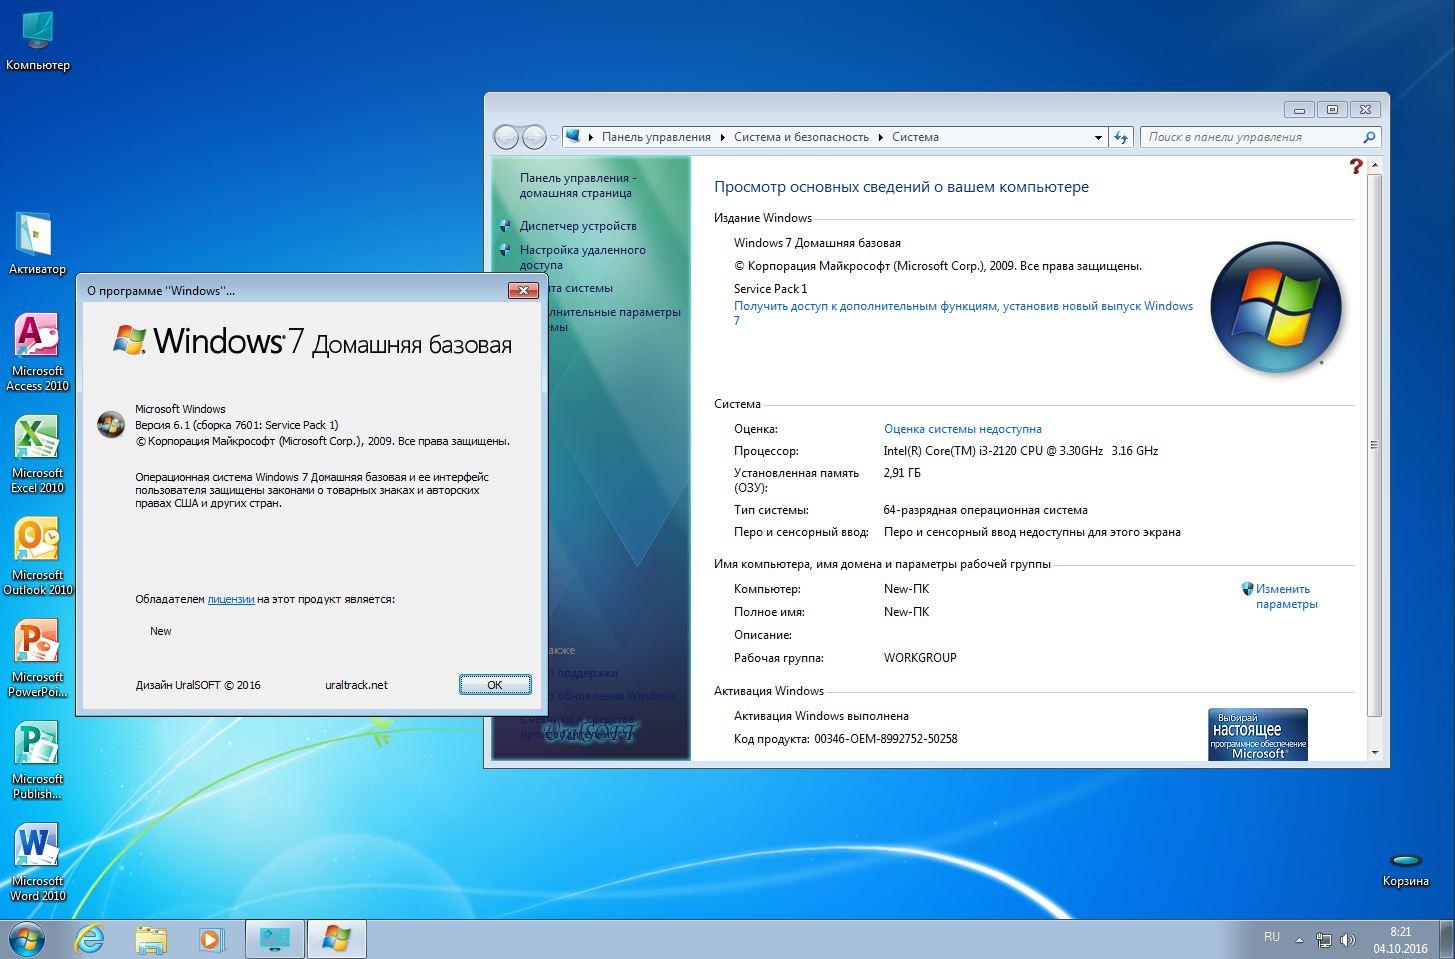 Microsoft 2010 скачать о windows 7